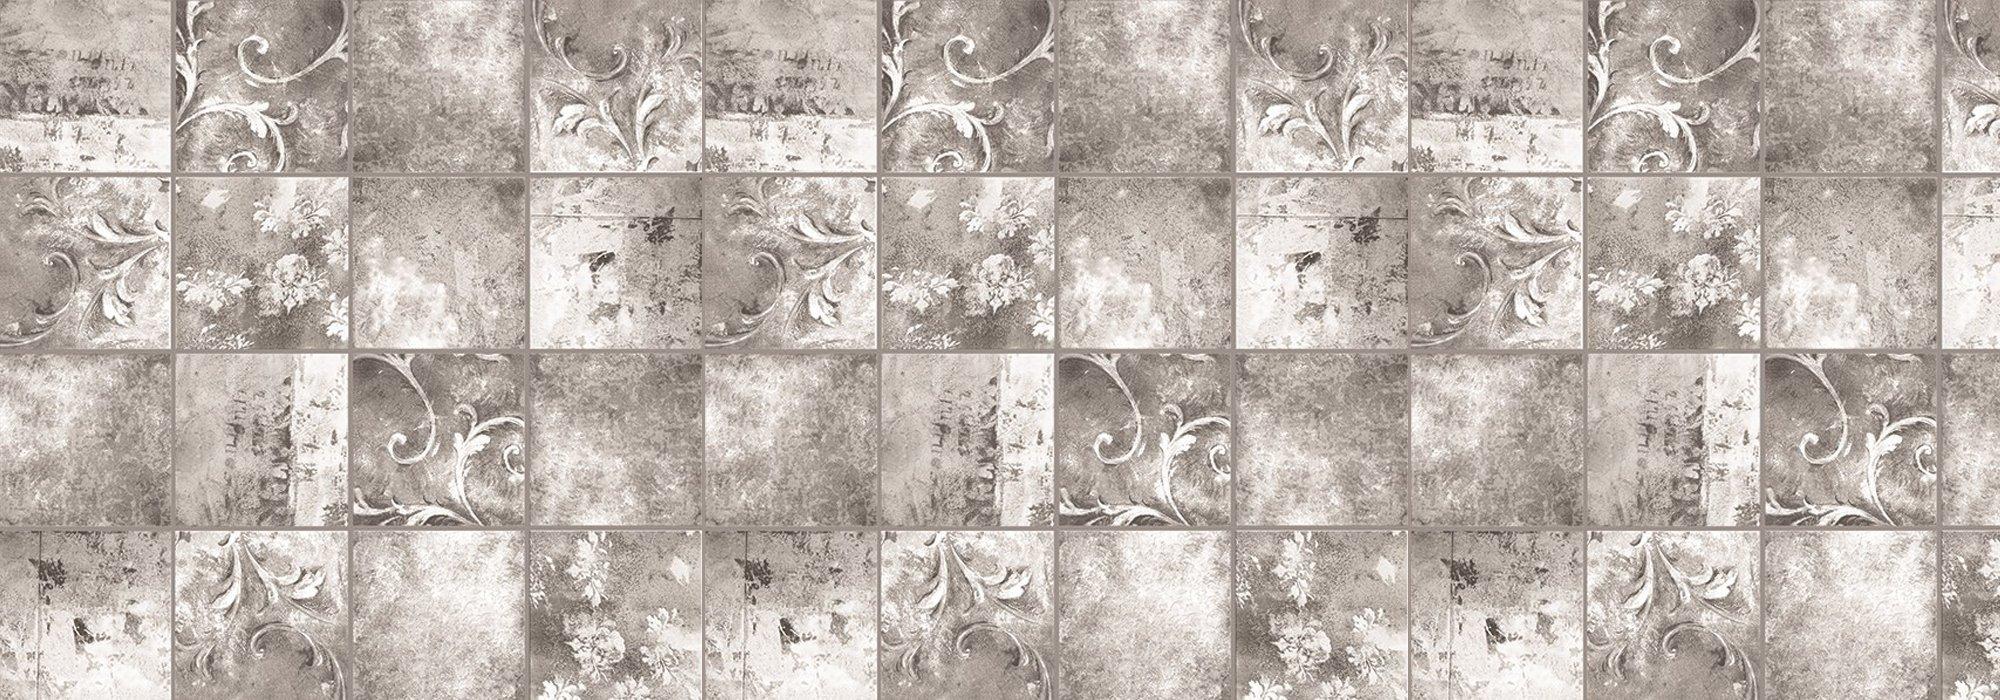 פסיפס קרמיקה וניטי אפור by Milstone